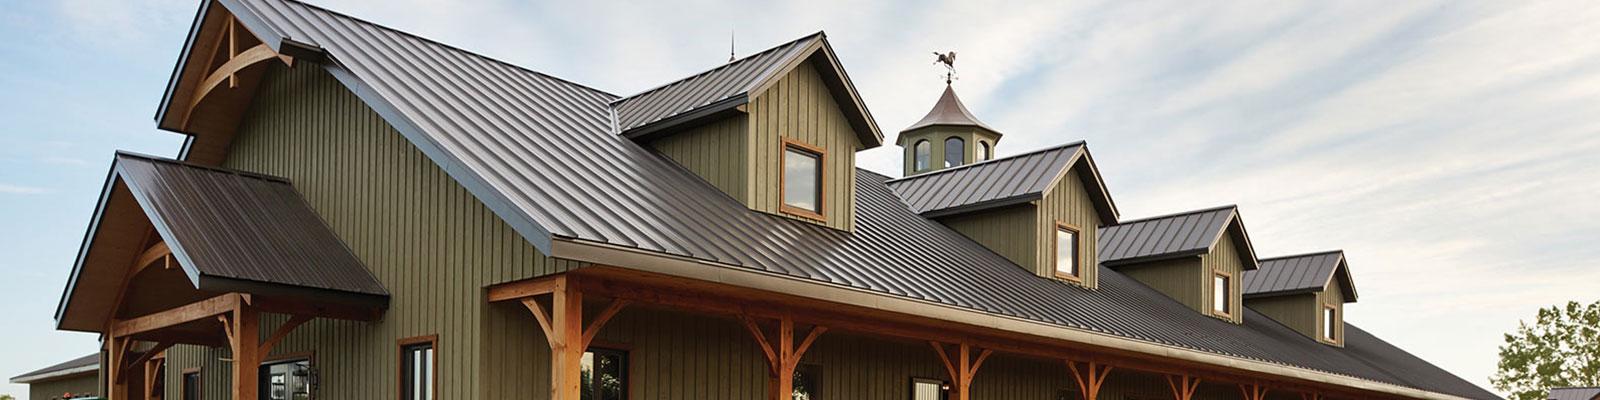 Aurora Roofing Contractors